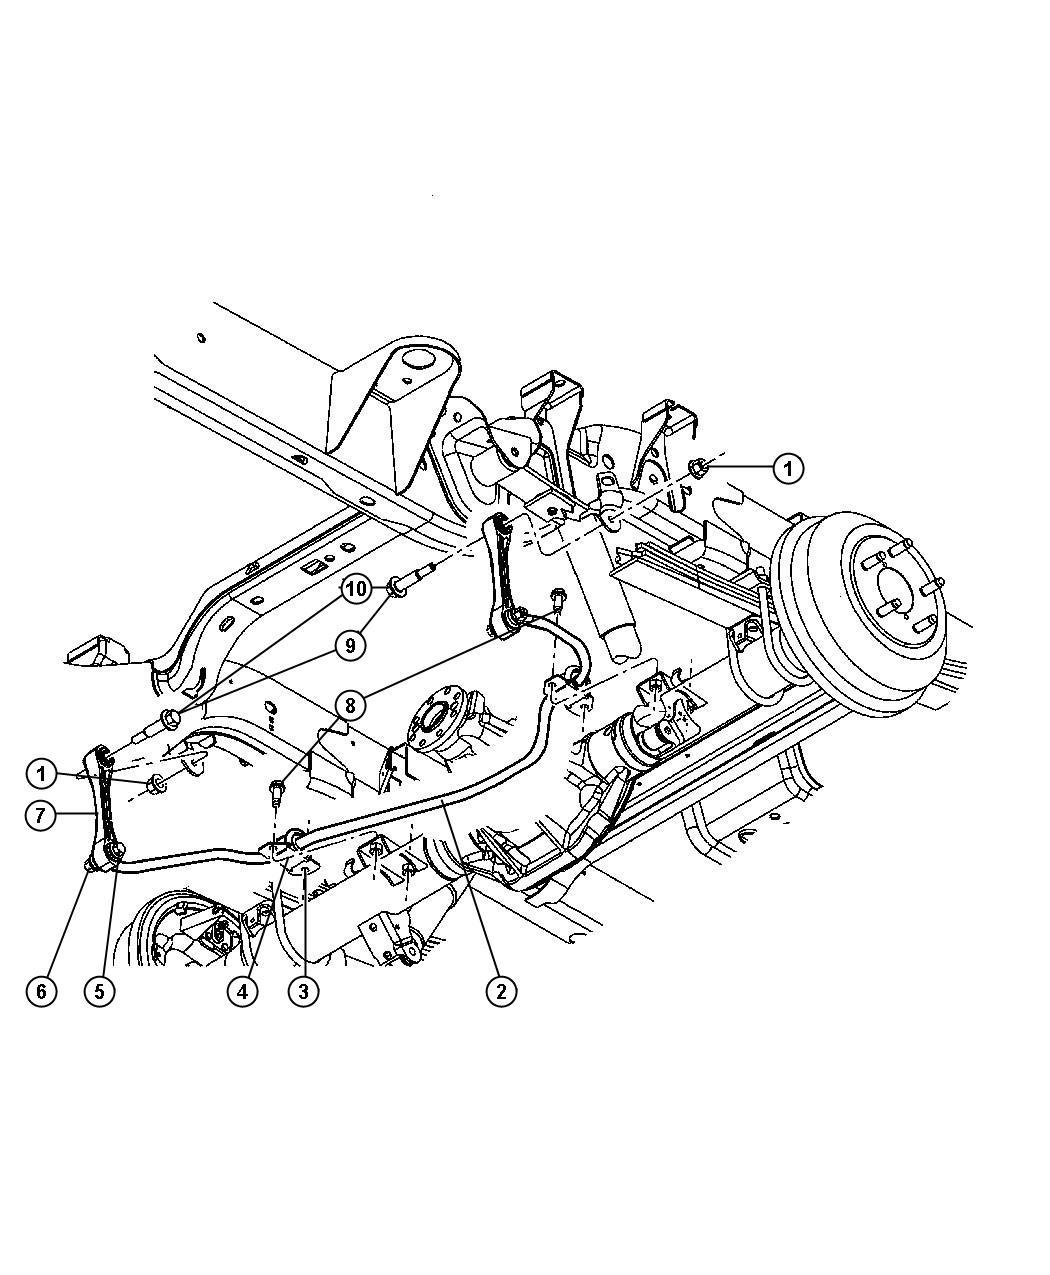 Jeep Wrangler Screw Shoulder Mounting Frameshoulder